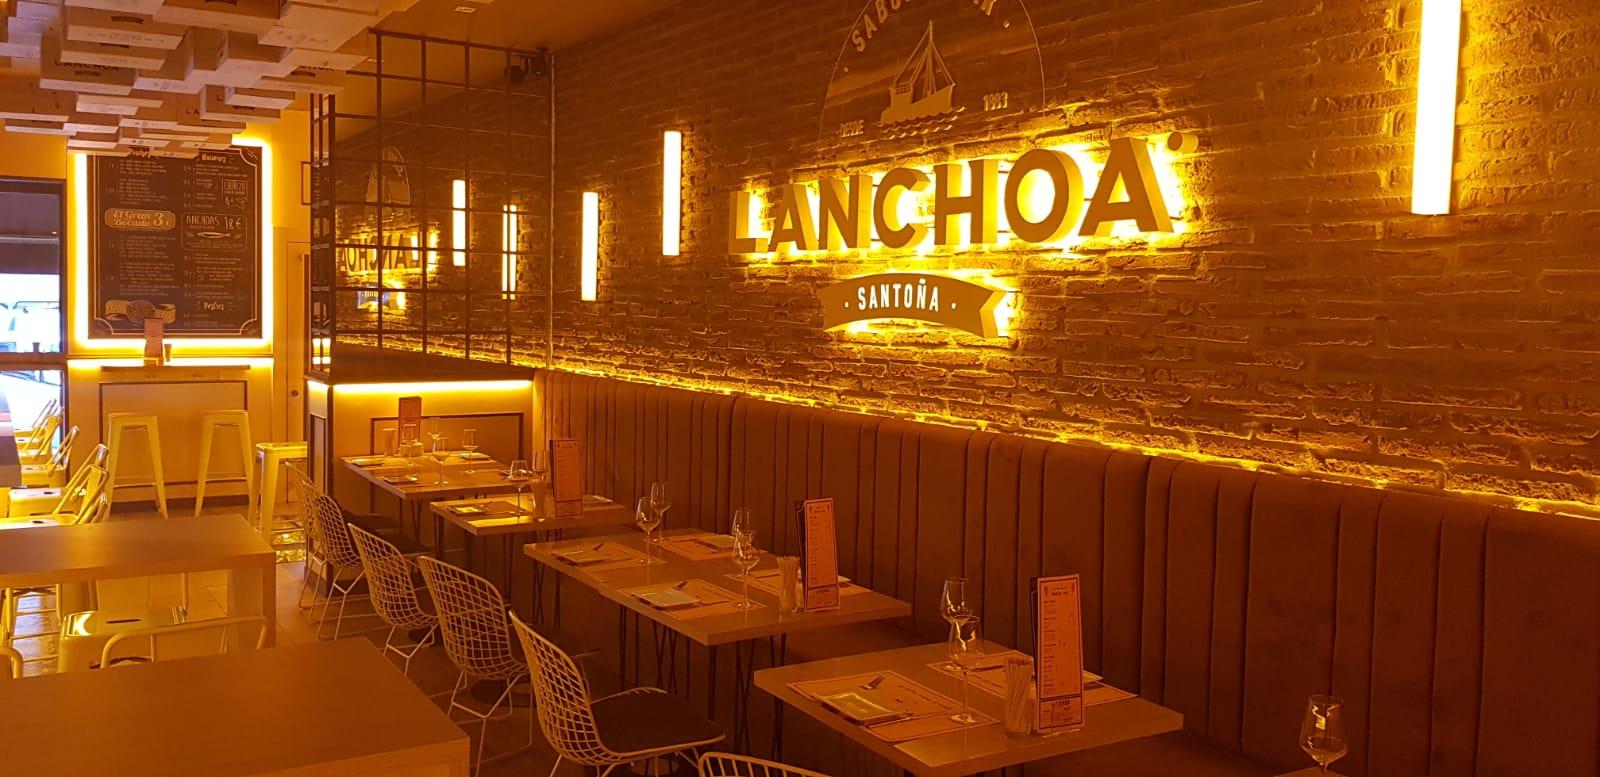 diseño fabricación instalación proyecto de maquinaria mobiliario acero inox inoxidable restaurante La Anchoa Madrid sistema extracción de humos plano hosteleria interiorismo